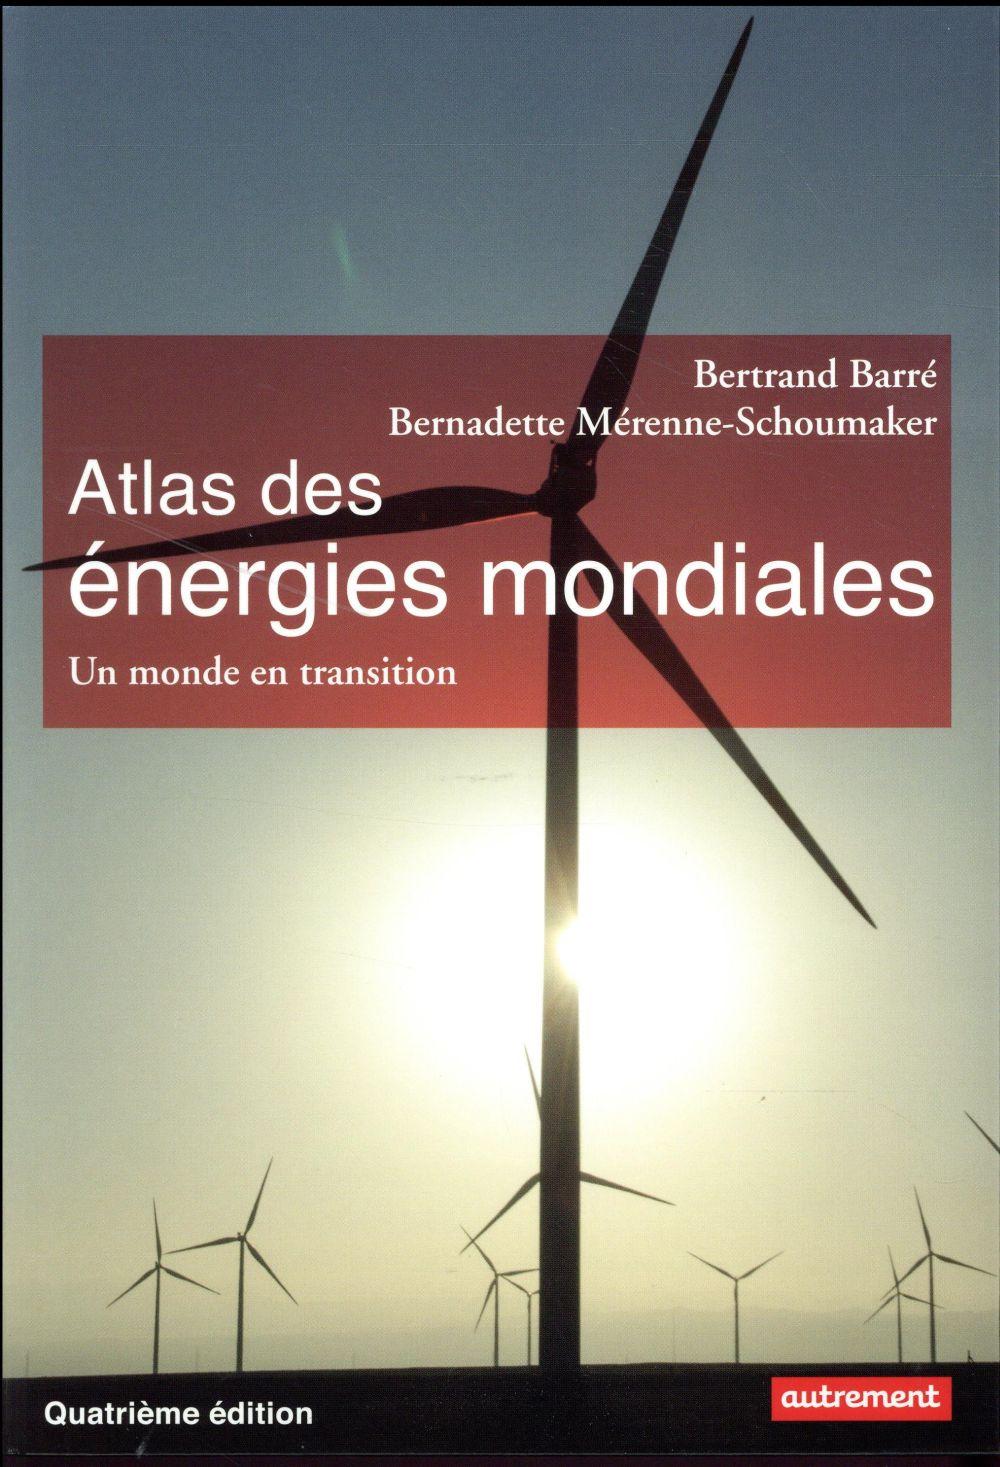 ATLAS DES ENERGIES MONDIALES  -  UN MONDE EN TRANSITION (4E EDITION) Mérenne-Schoumaker Bernadette Autrement